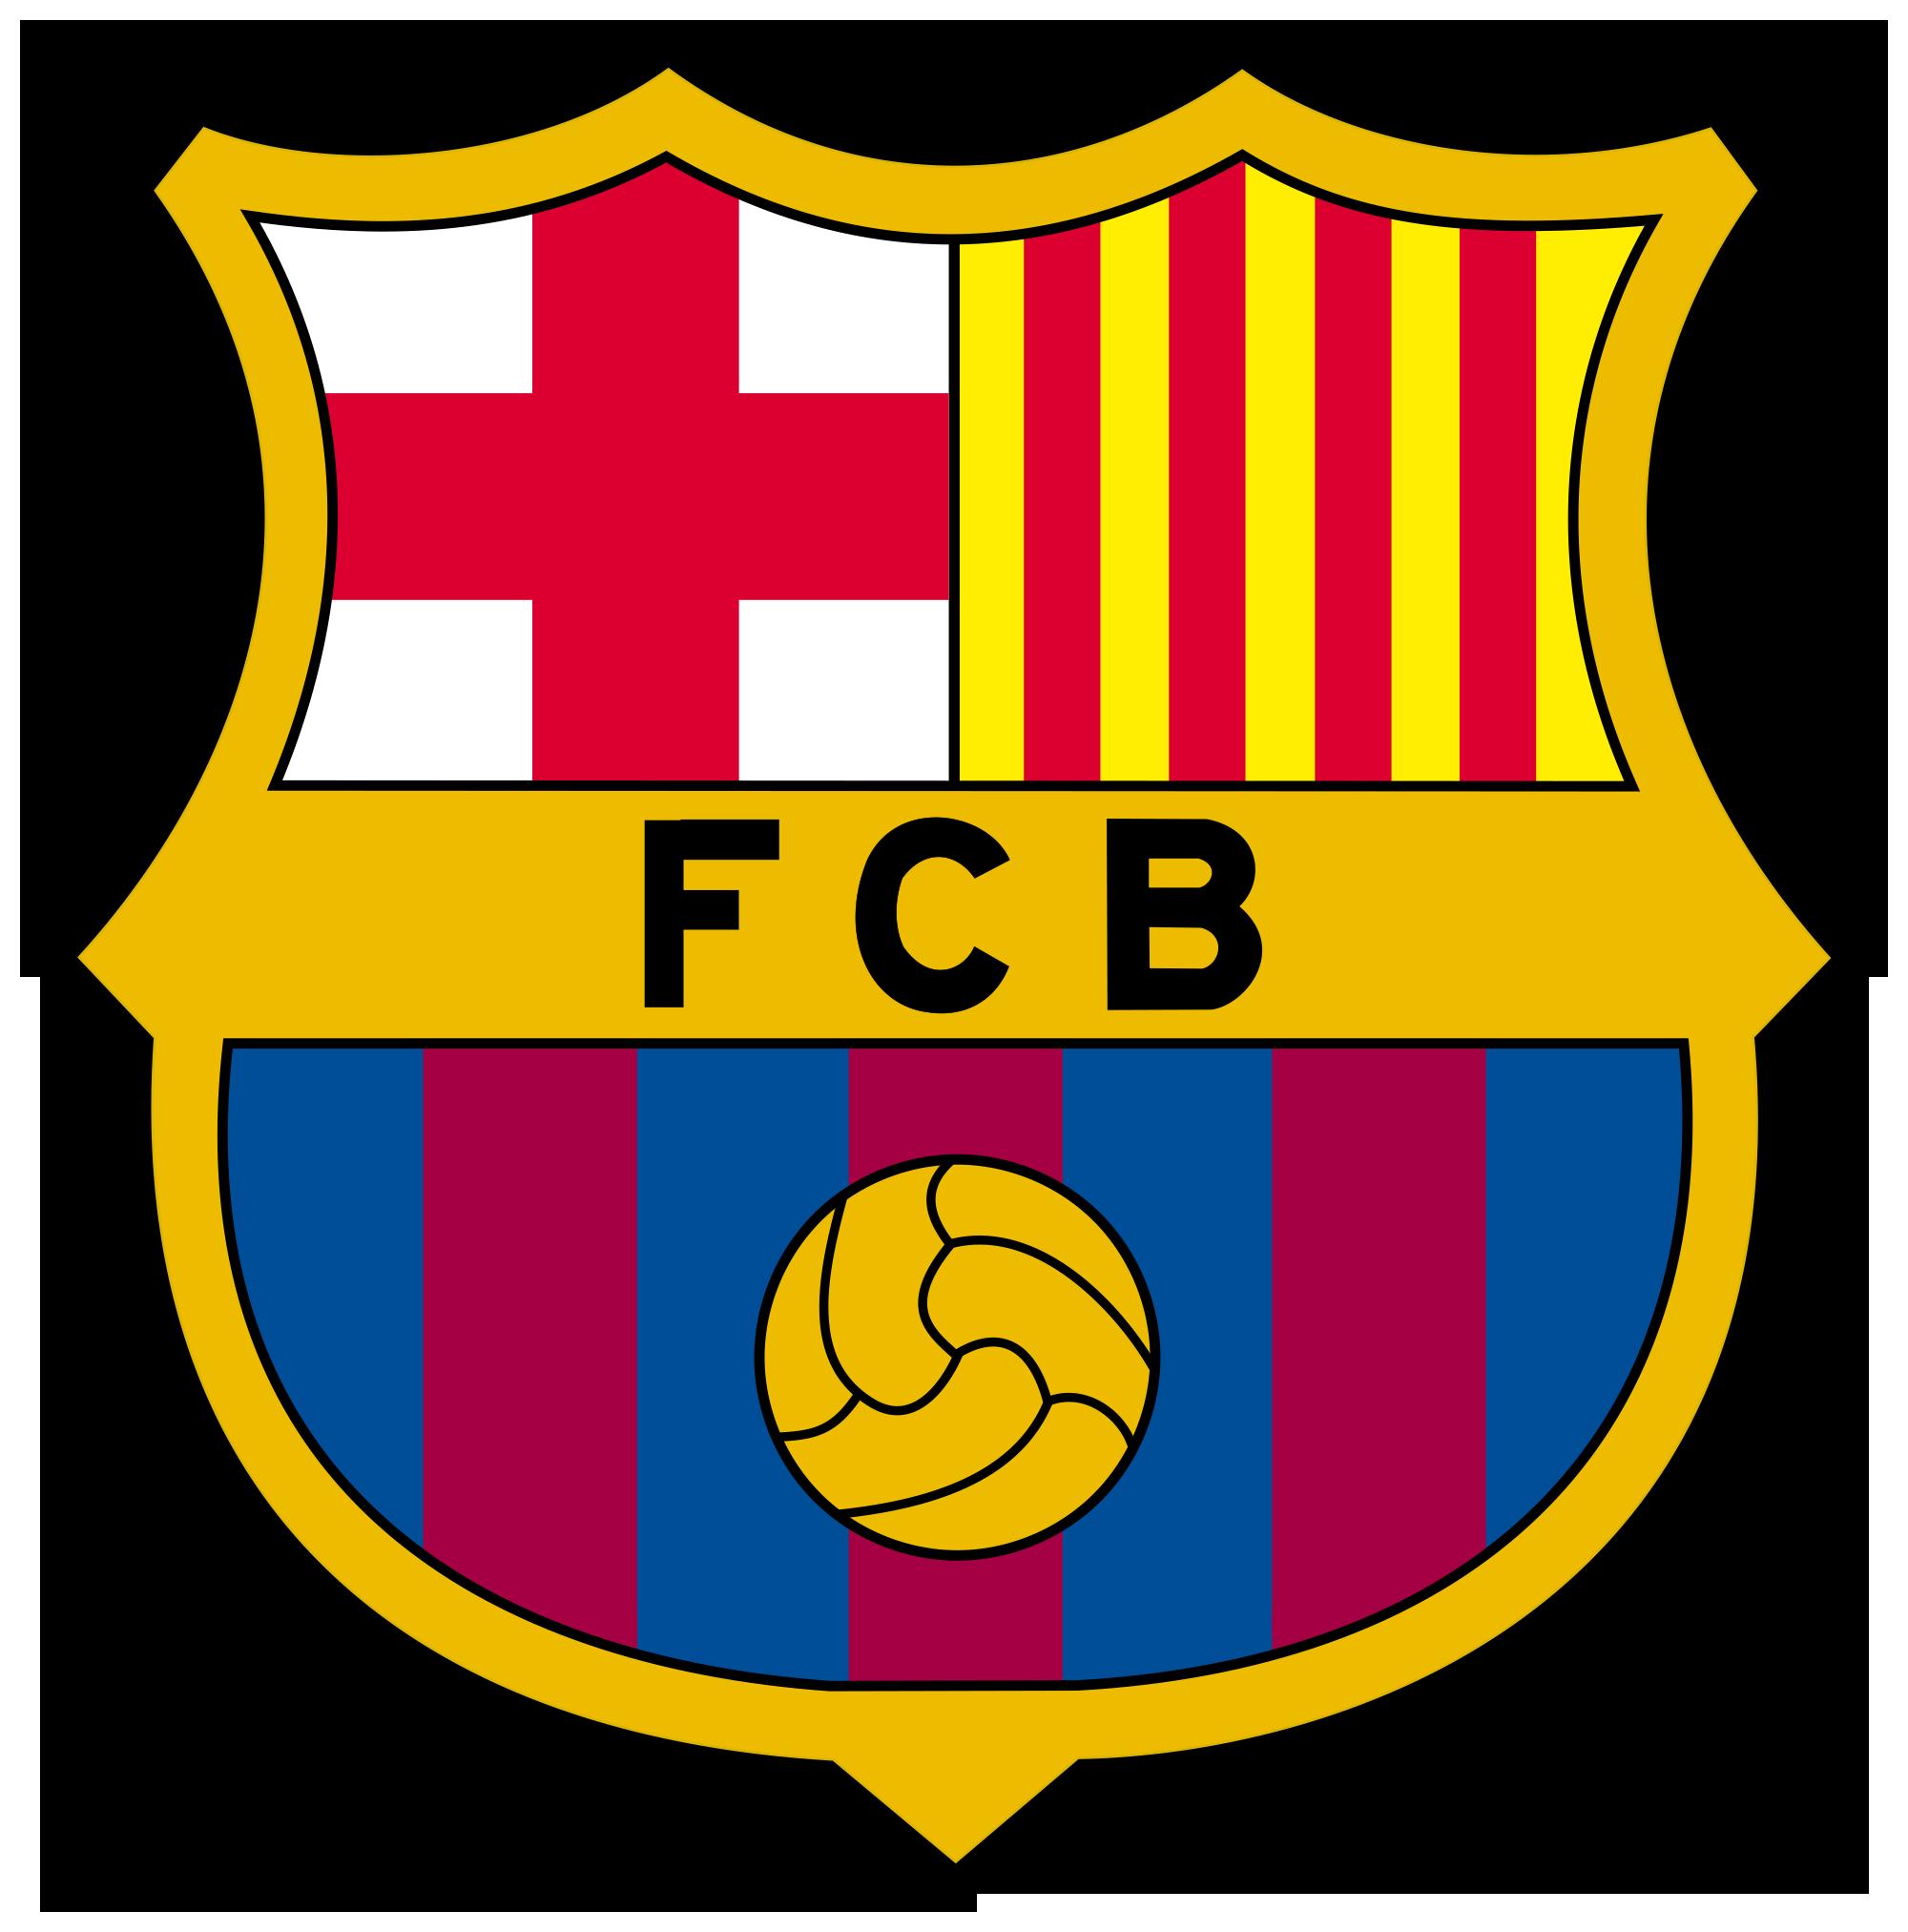 Символика испанских футбольных команд барселона